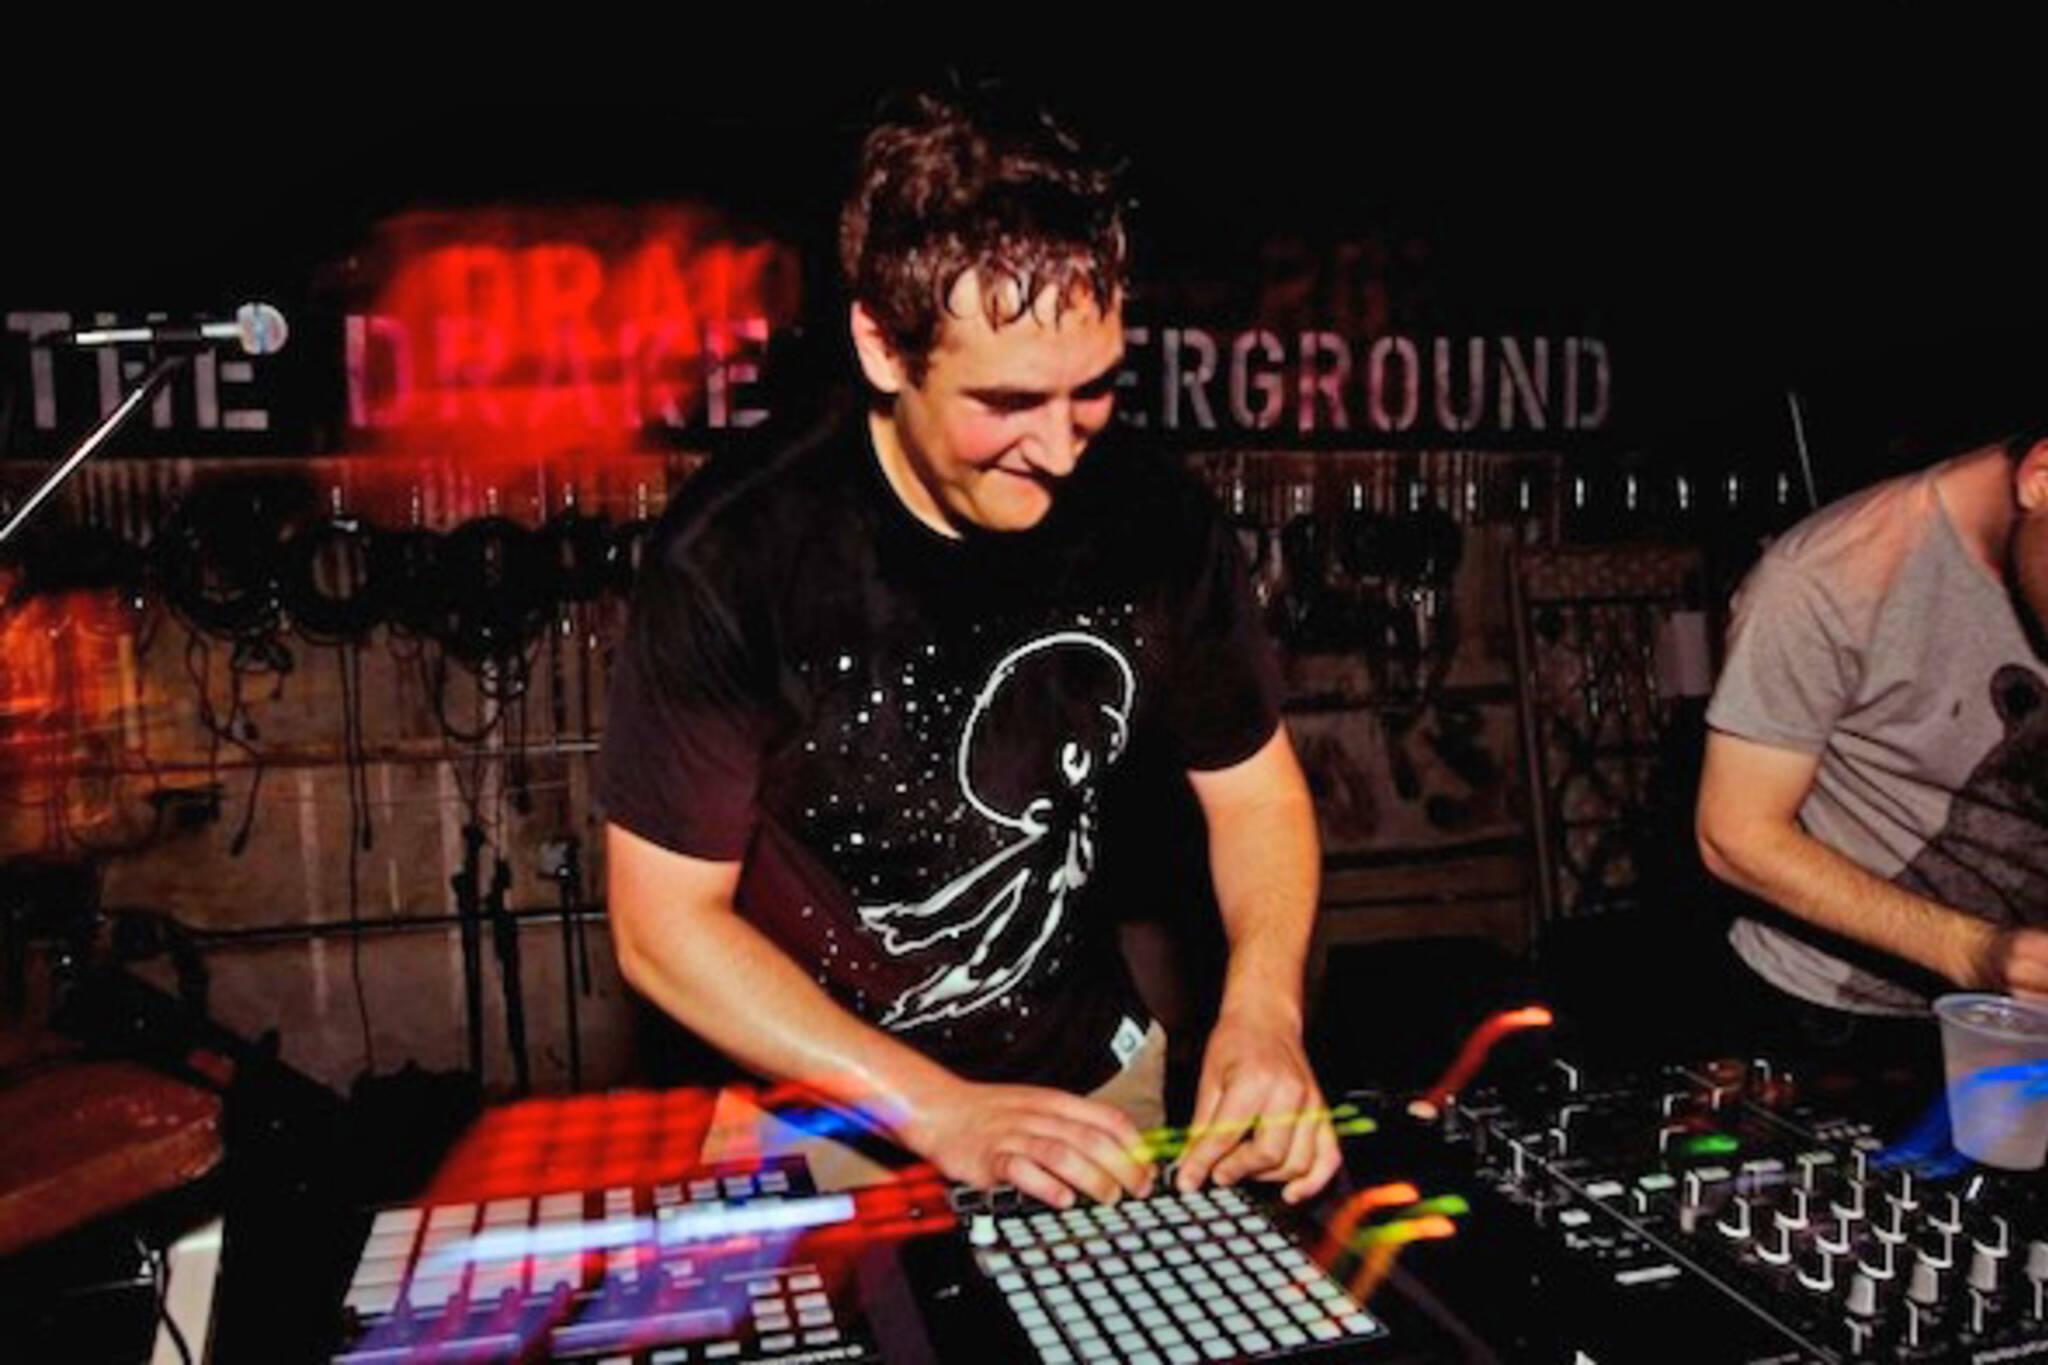 toronto DJs